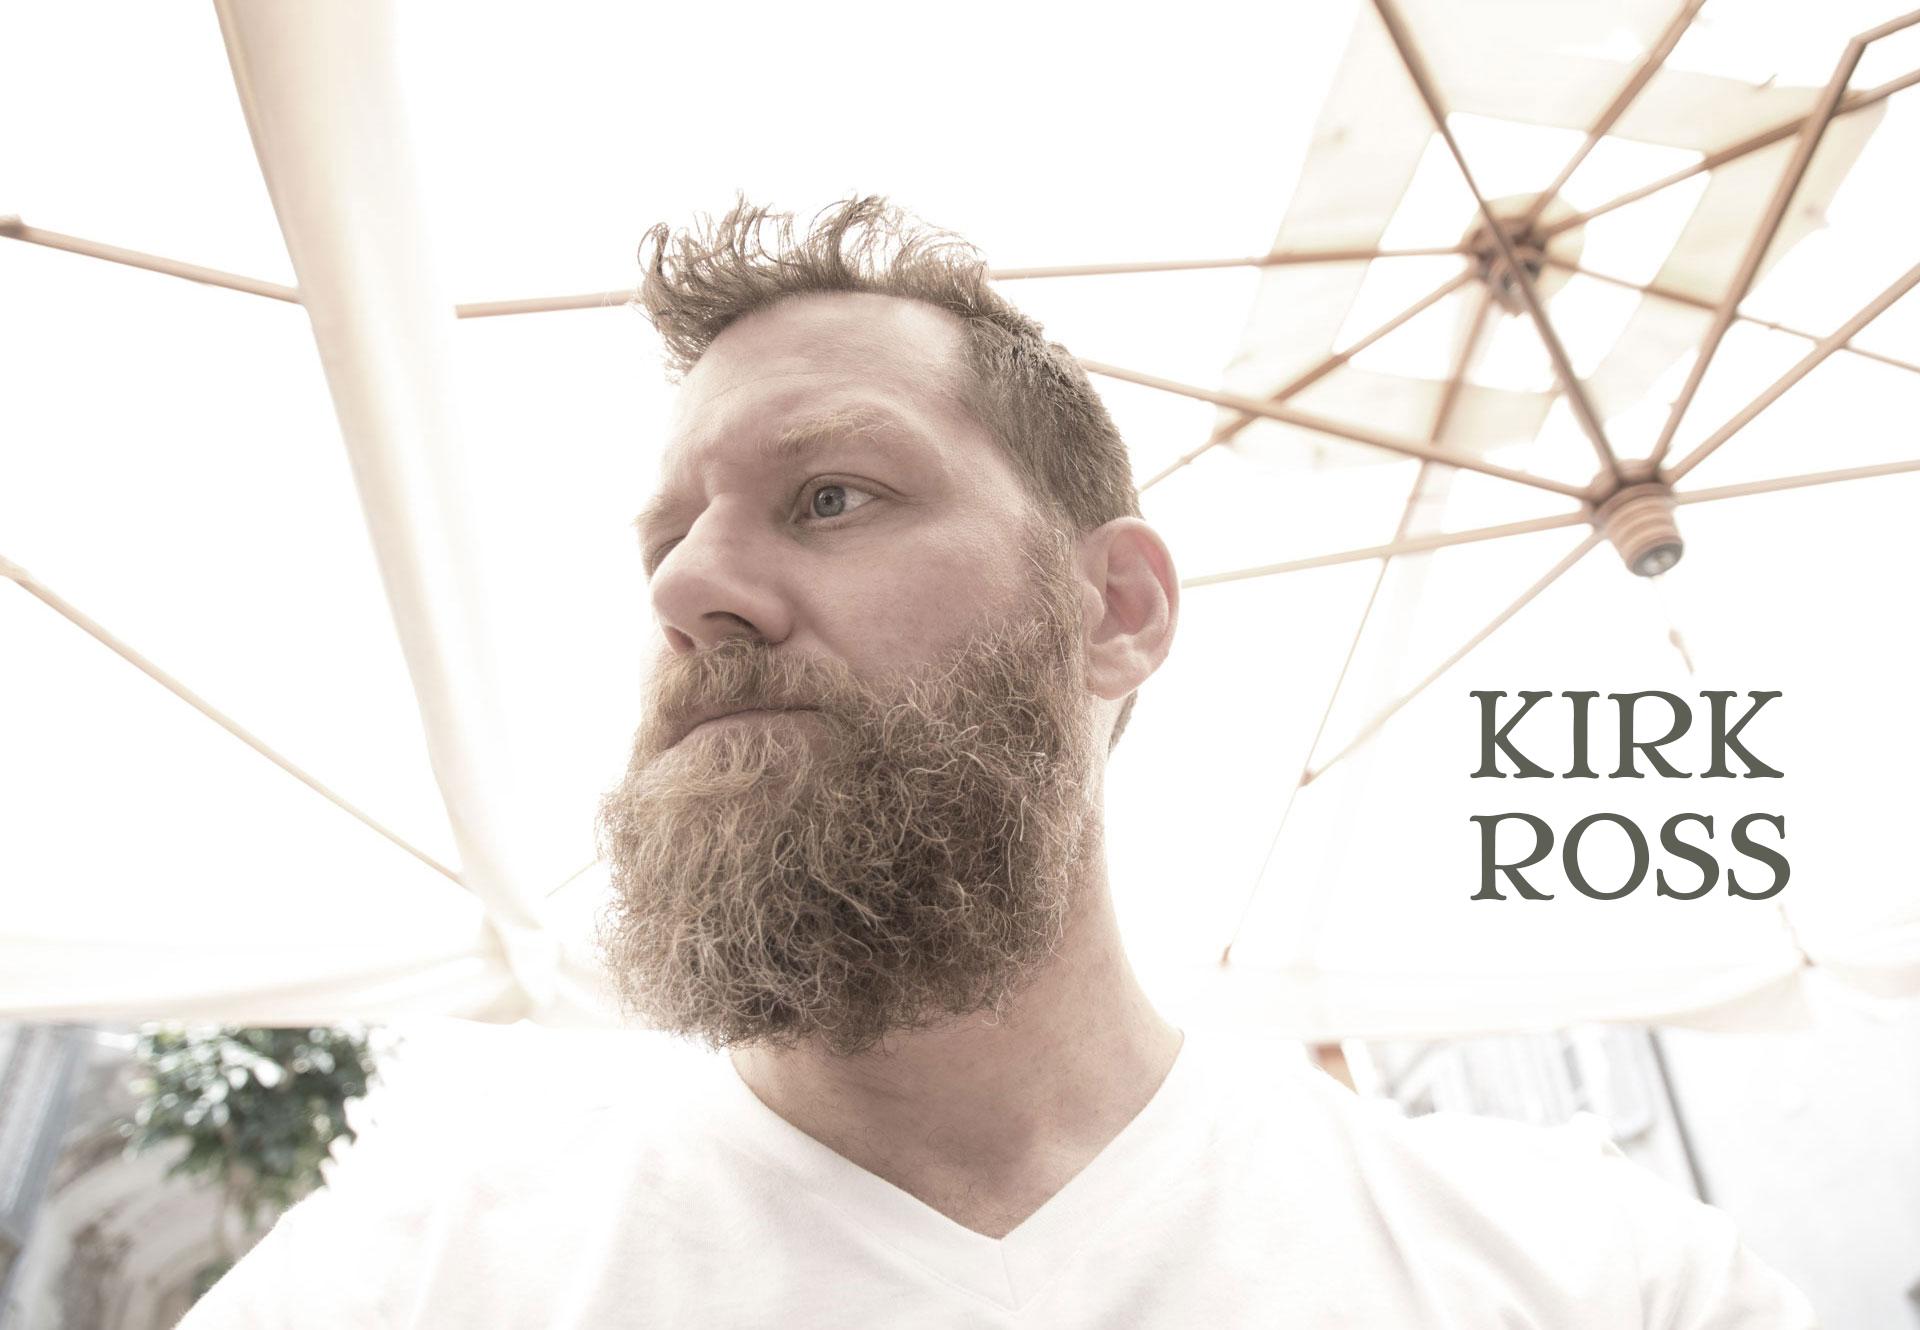 Kirk Ross